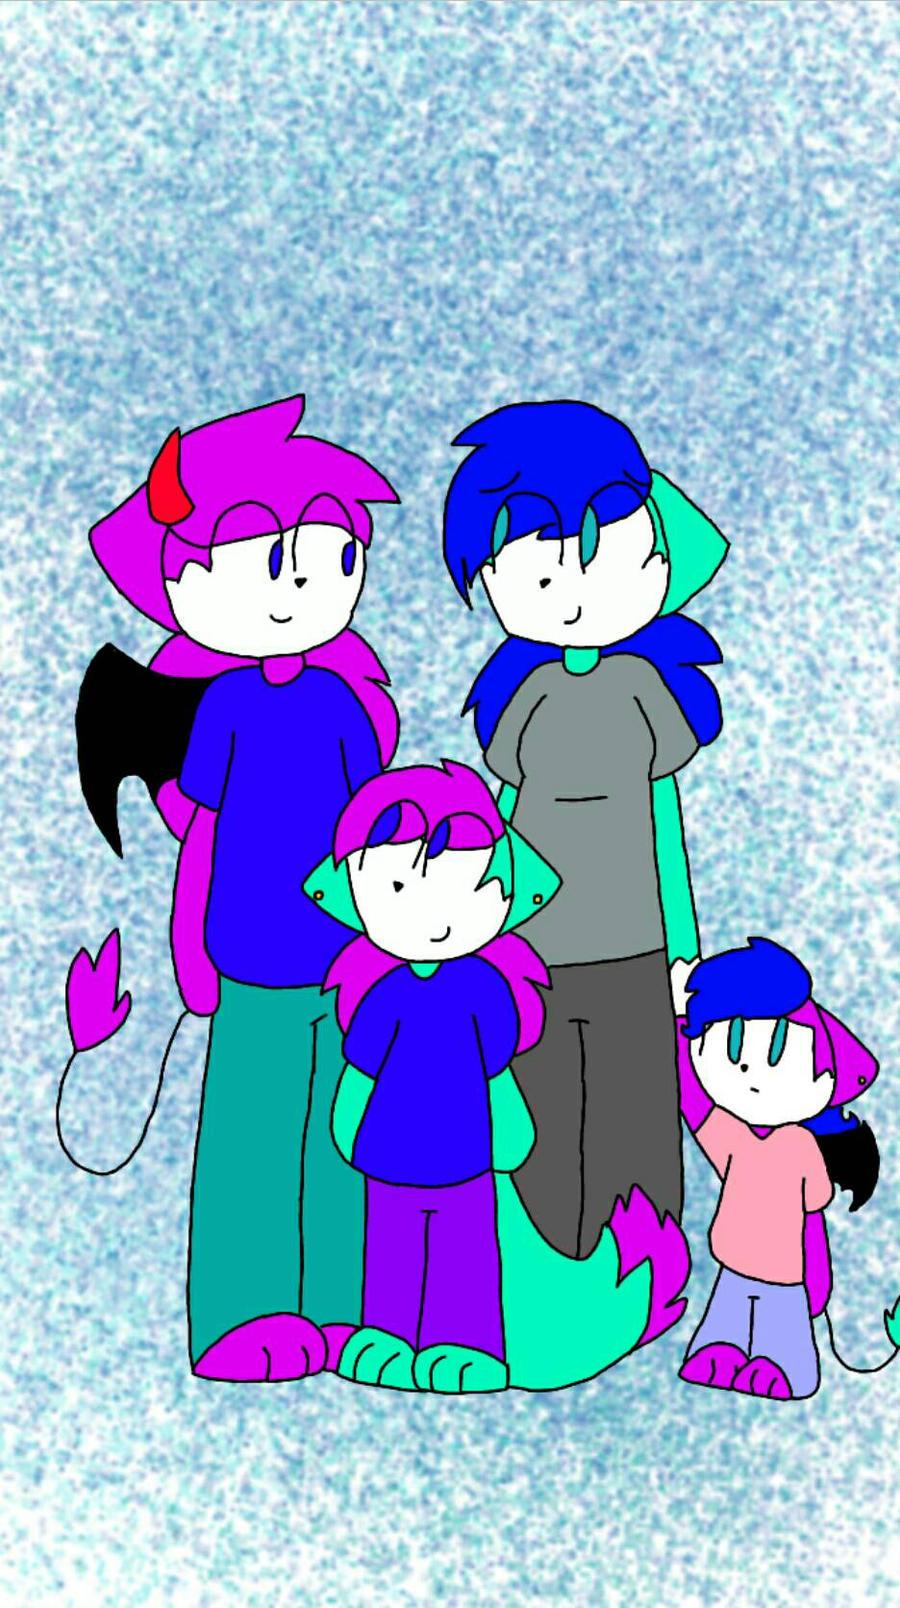 Galliex's Family by Galexeon  by xXPixelatedARTSXx